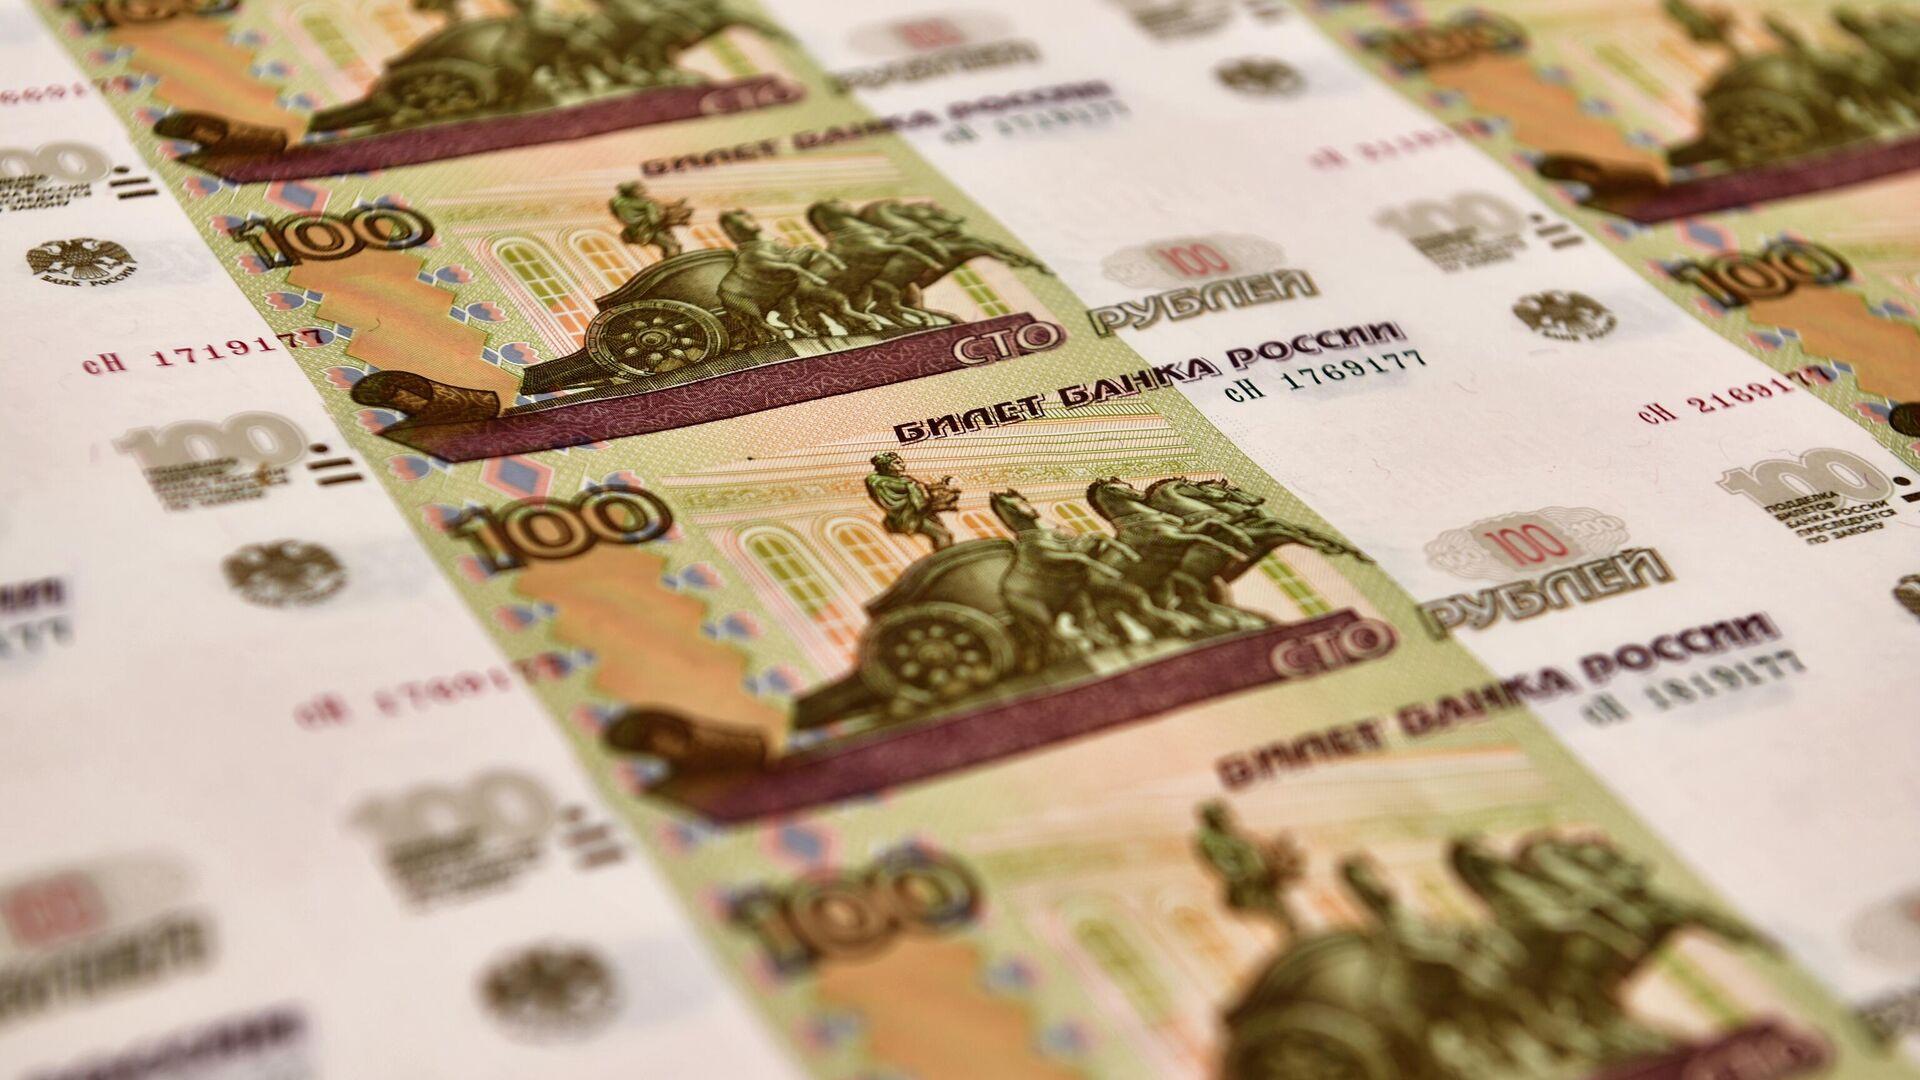 Рубль второй месяц подряд остается в топ-20 самых популярных валют мира